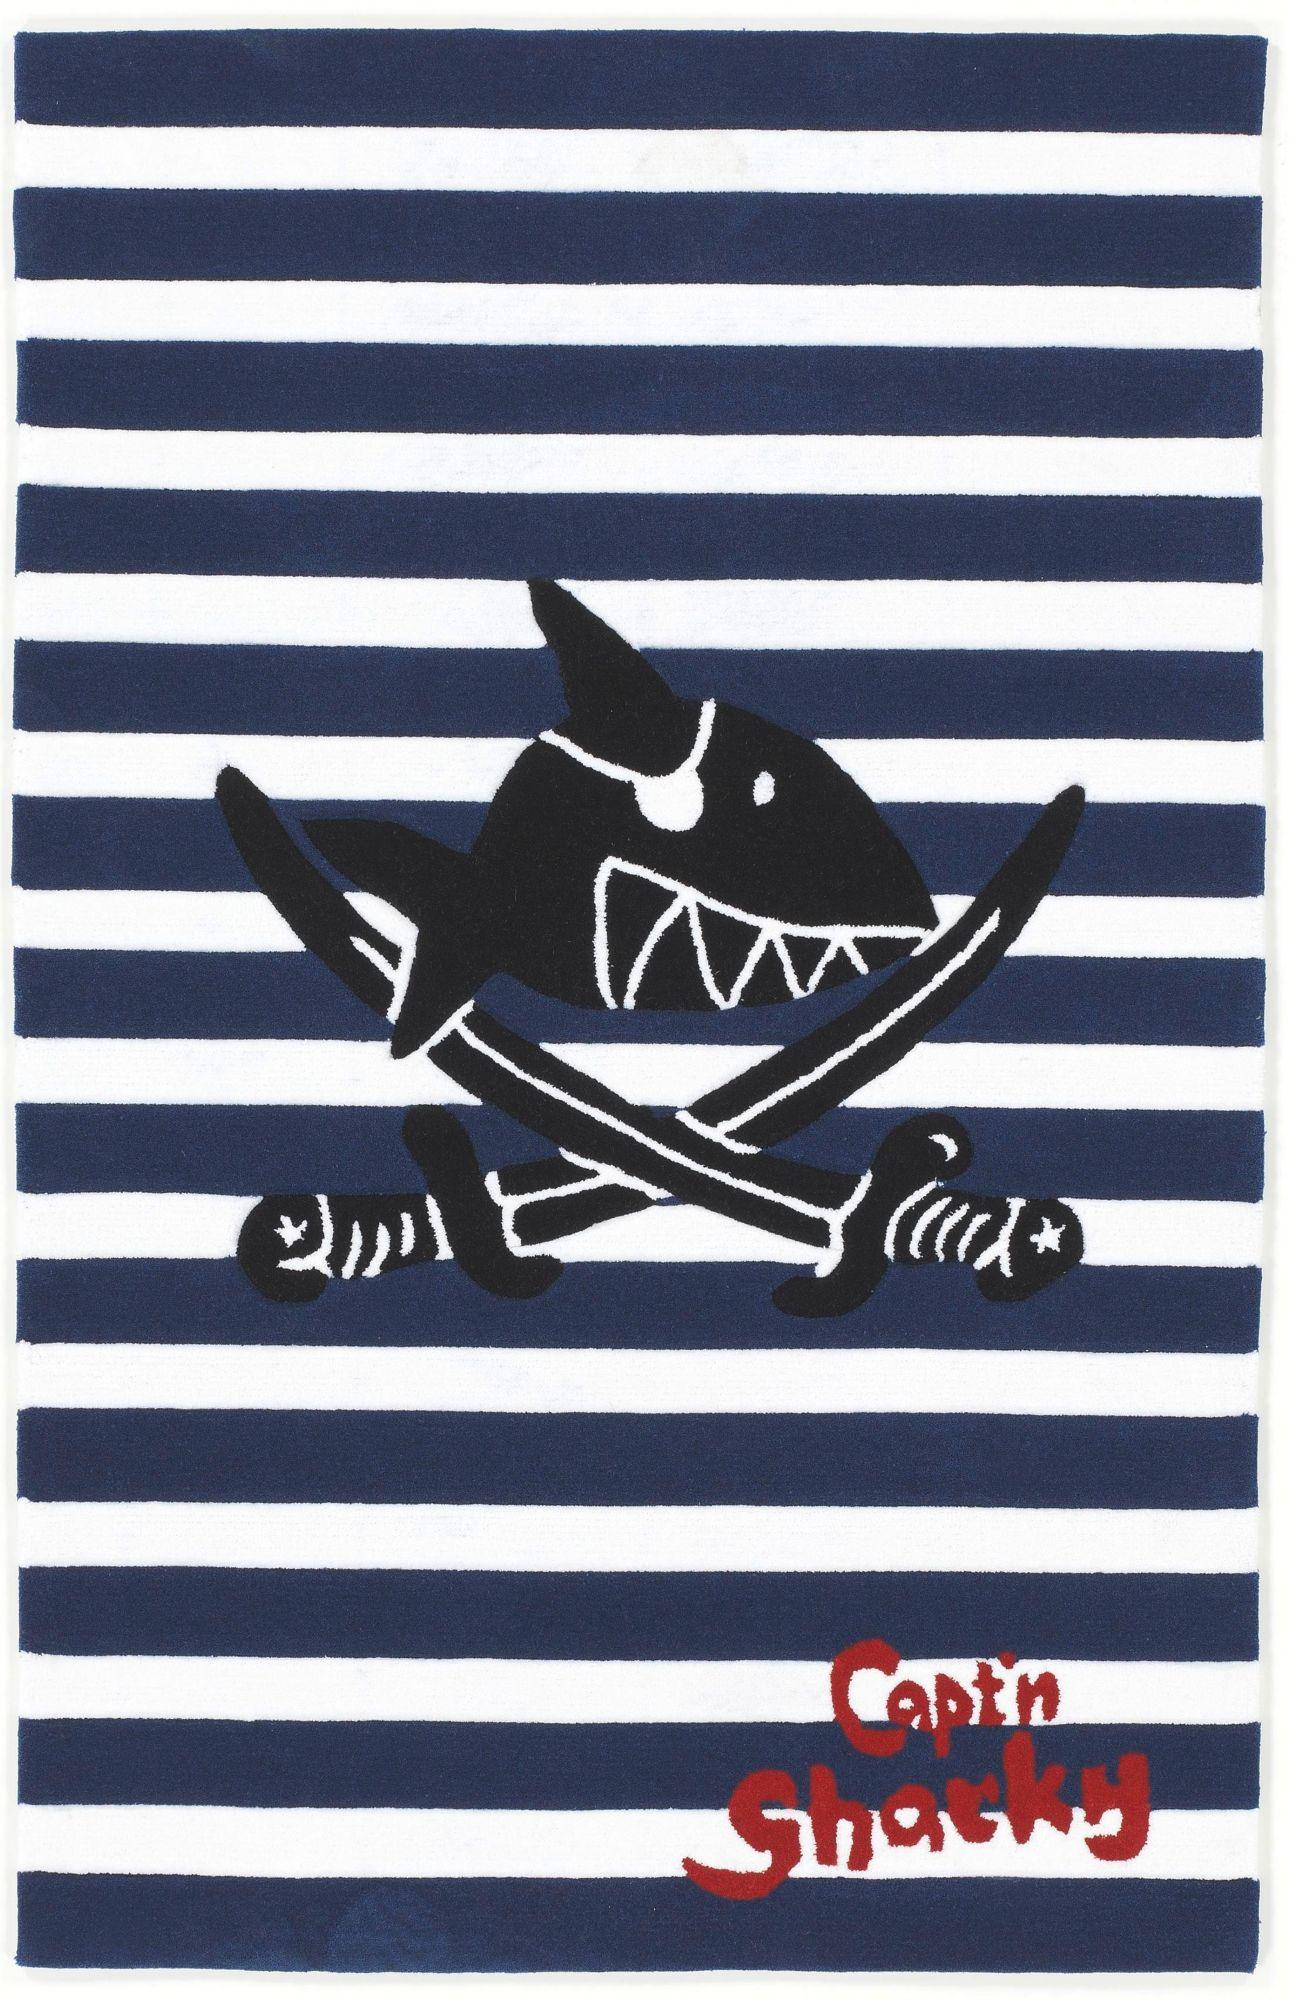 CAPTN SHARKY Kinder-Teppich, Capt'n Sharky, »SH-2361-01«, handgetuftet, Konturenschnitt